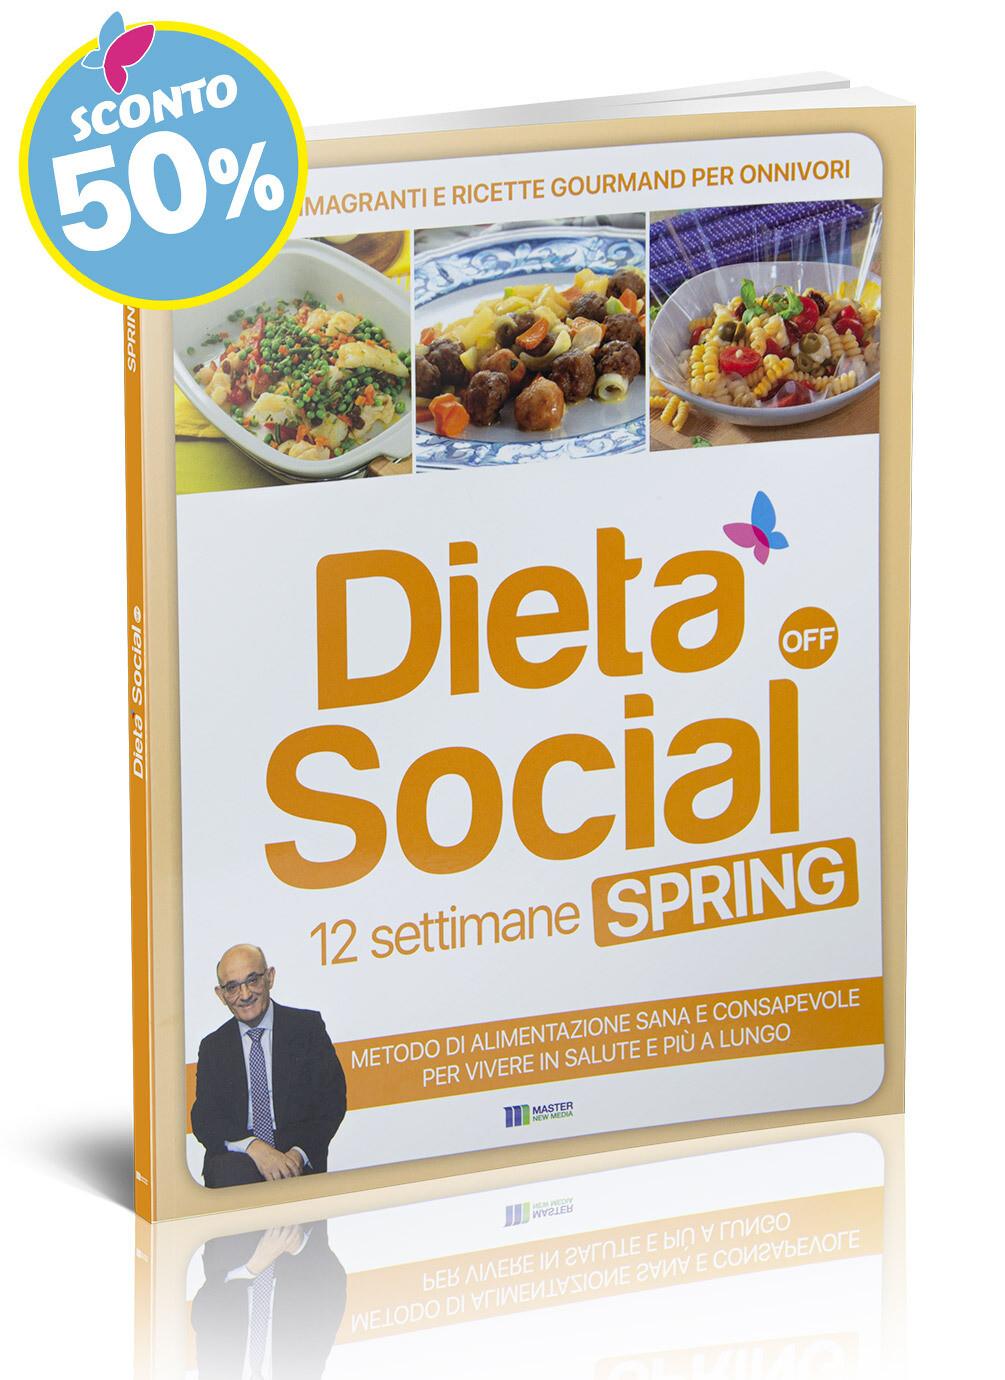 Dieta Social OFF Spring (PRIMAVERA) con 3 mesi di menu e ricette - per ONNIVORI